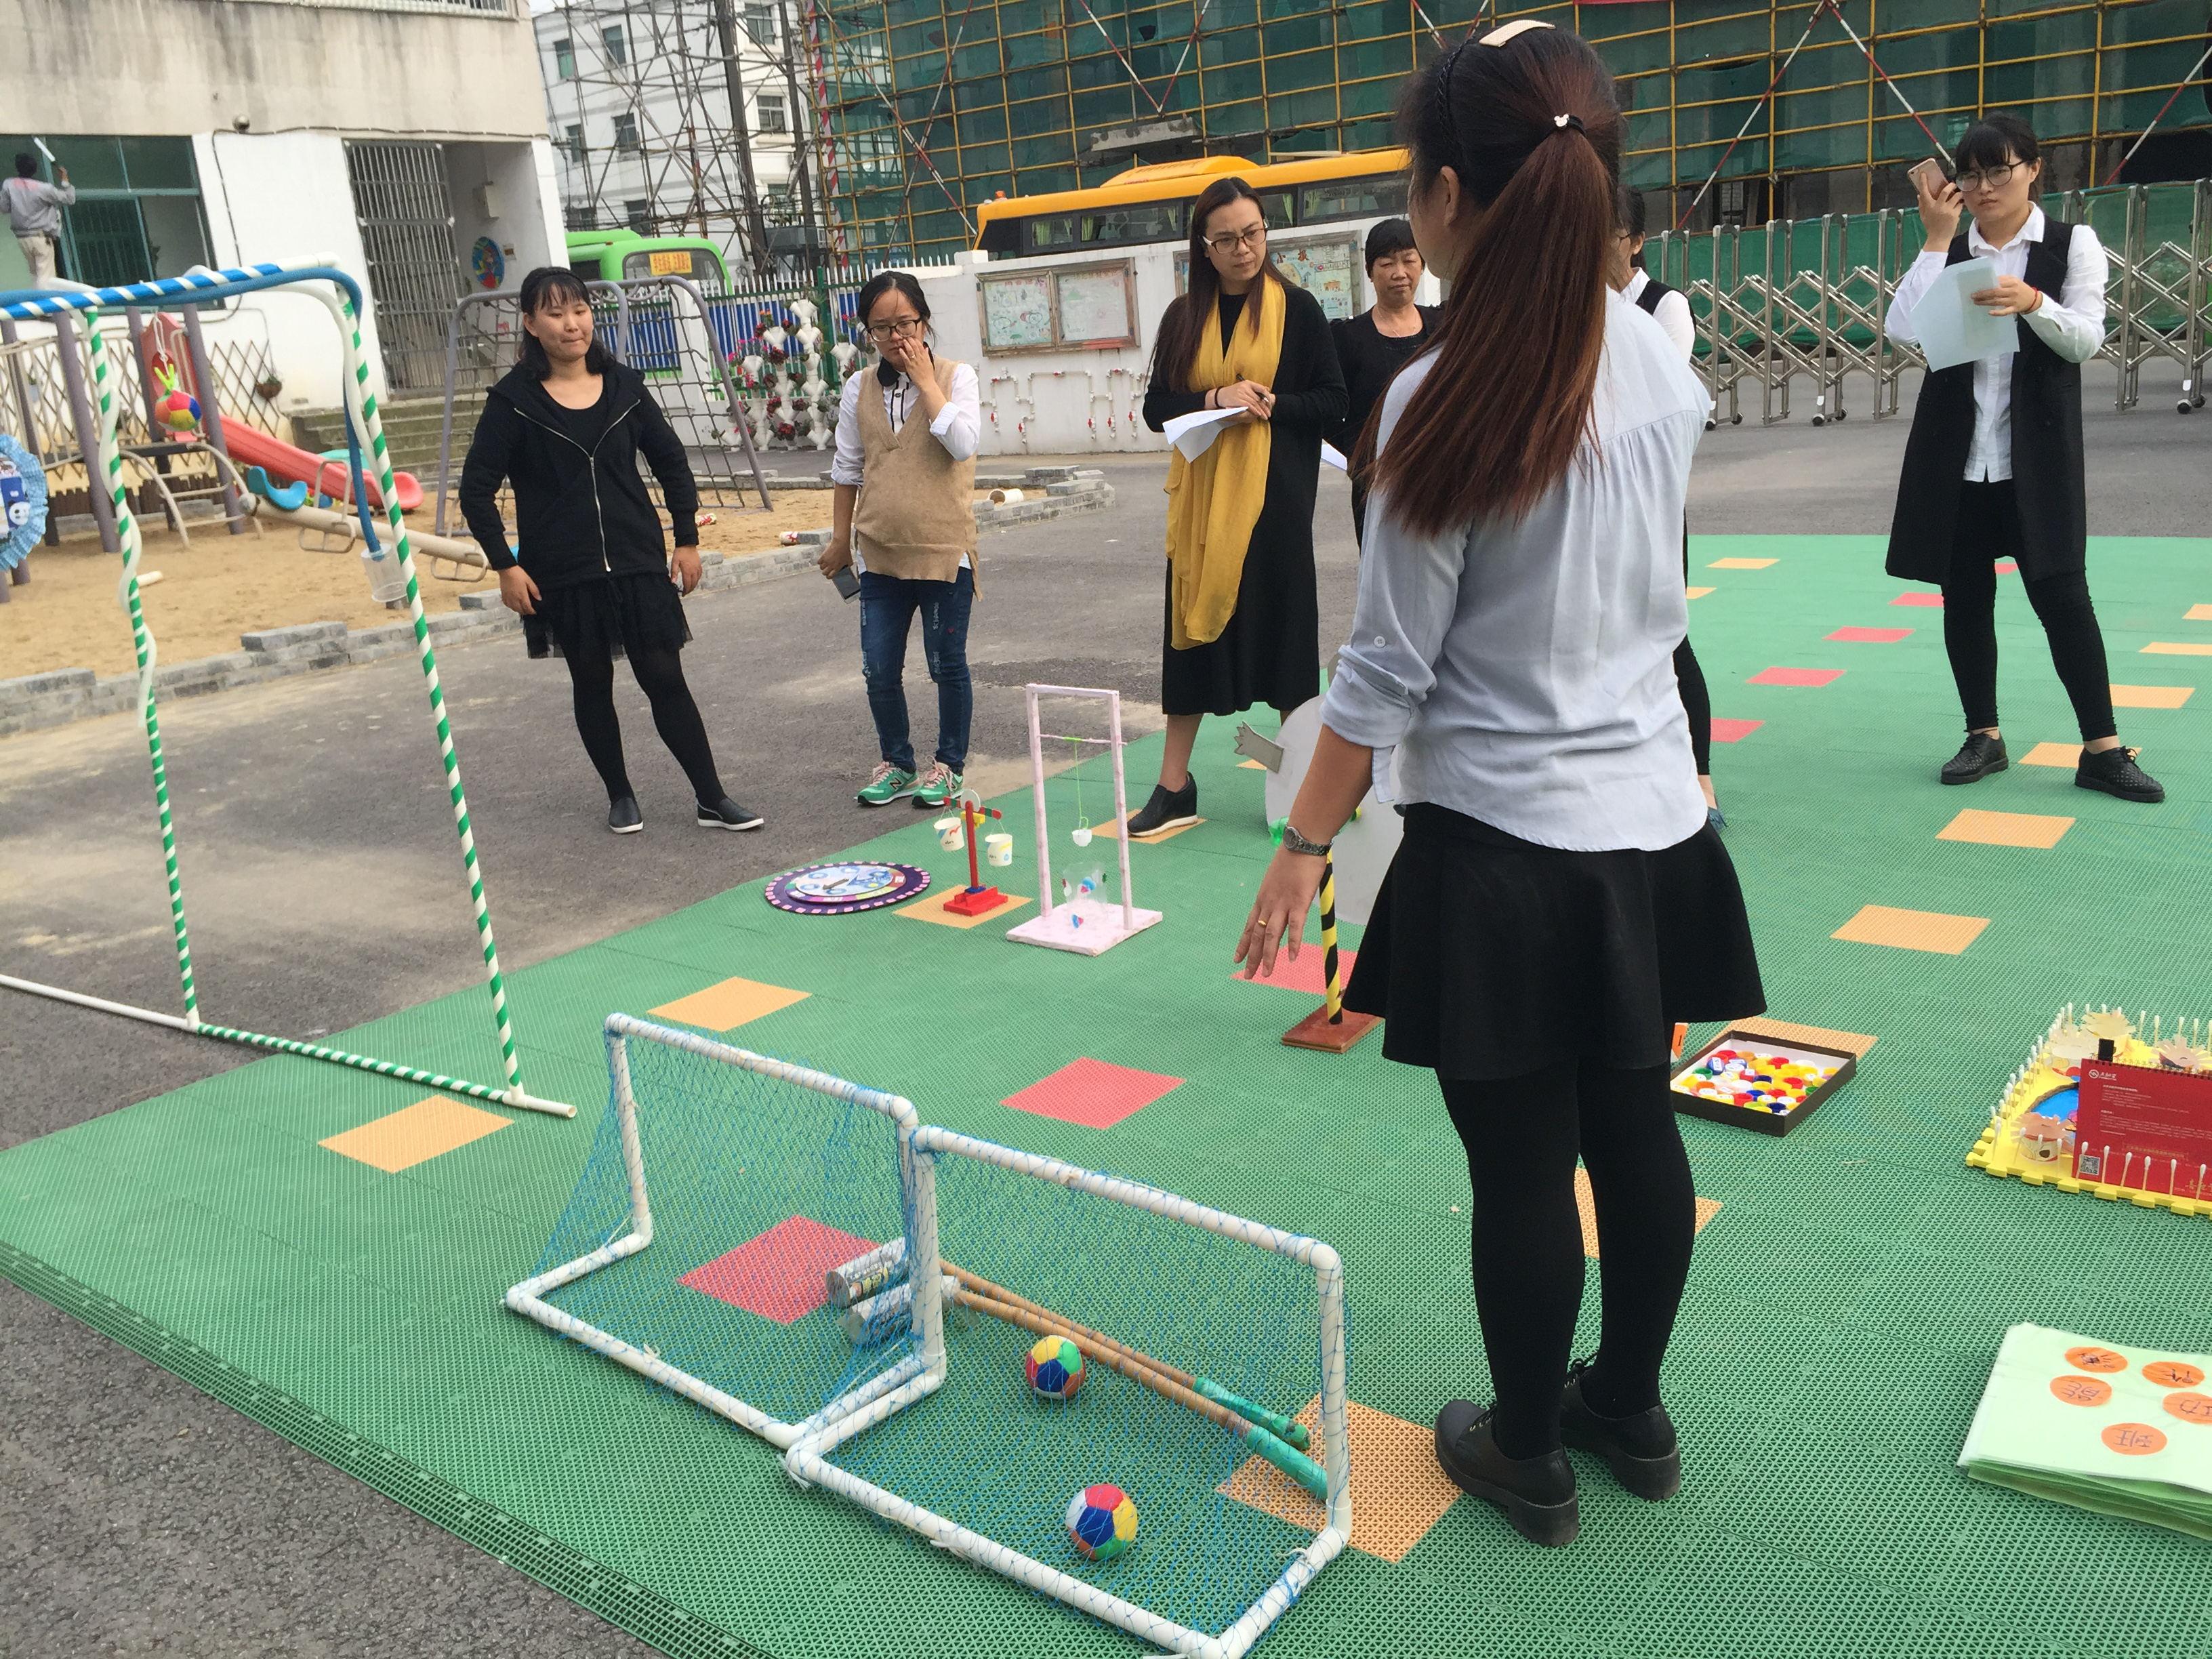 陈武中心幼儿园自制教玩具评比活动照片3.jpg